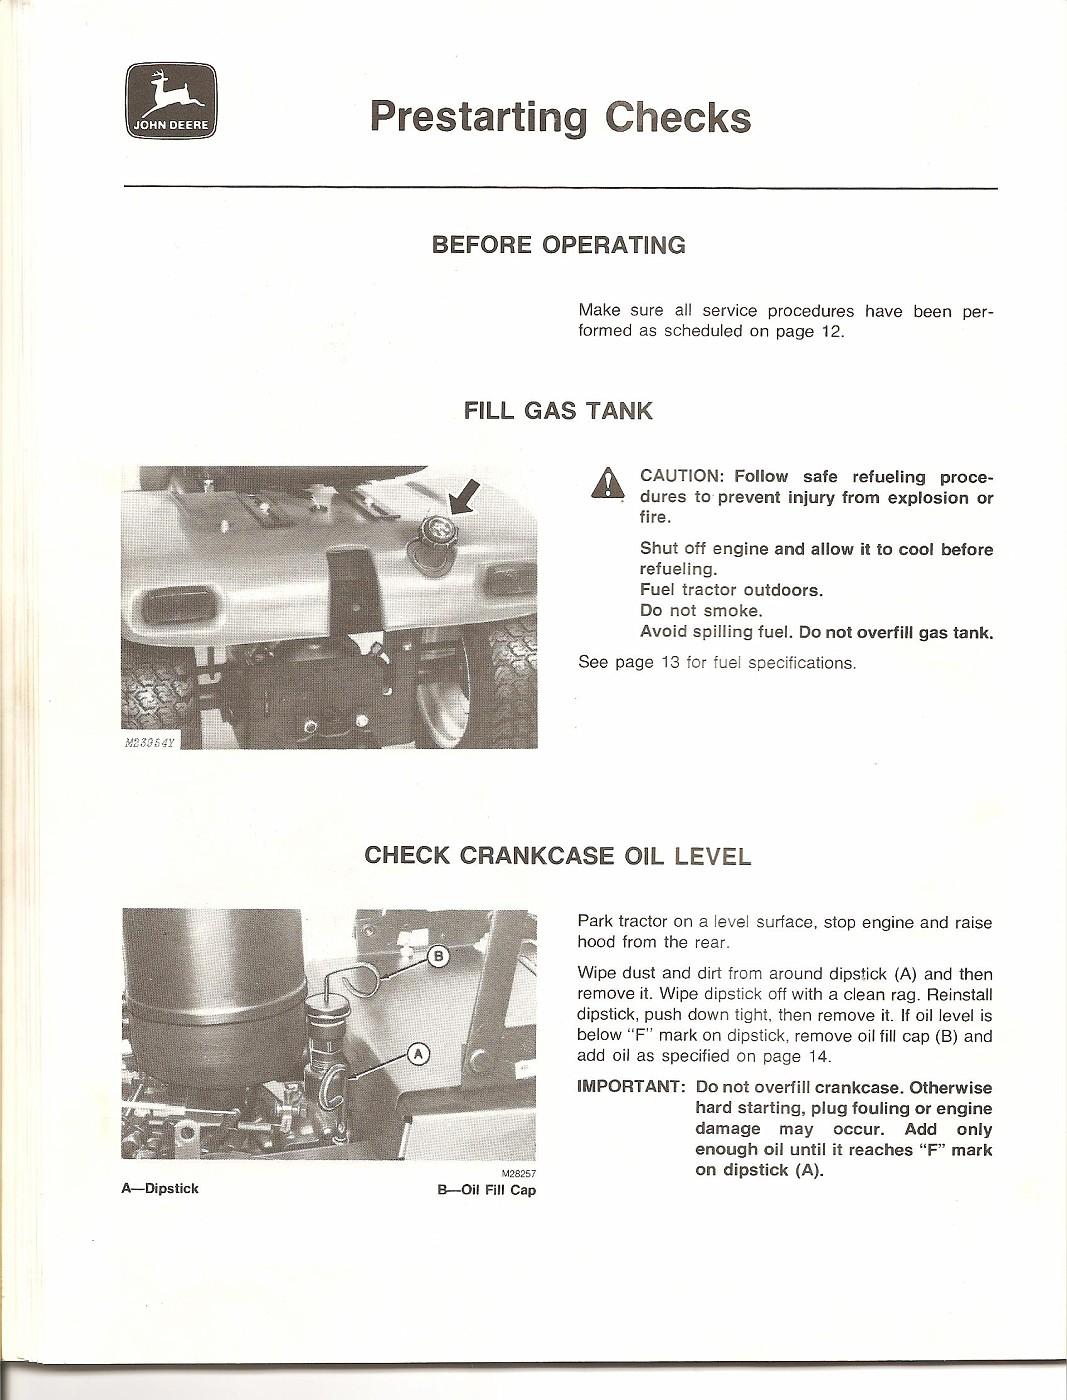 317 John Deere Wiring Diagram Get Free Image About Wiring Diagram